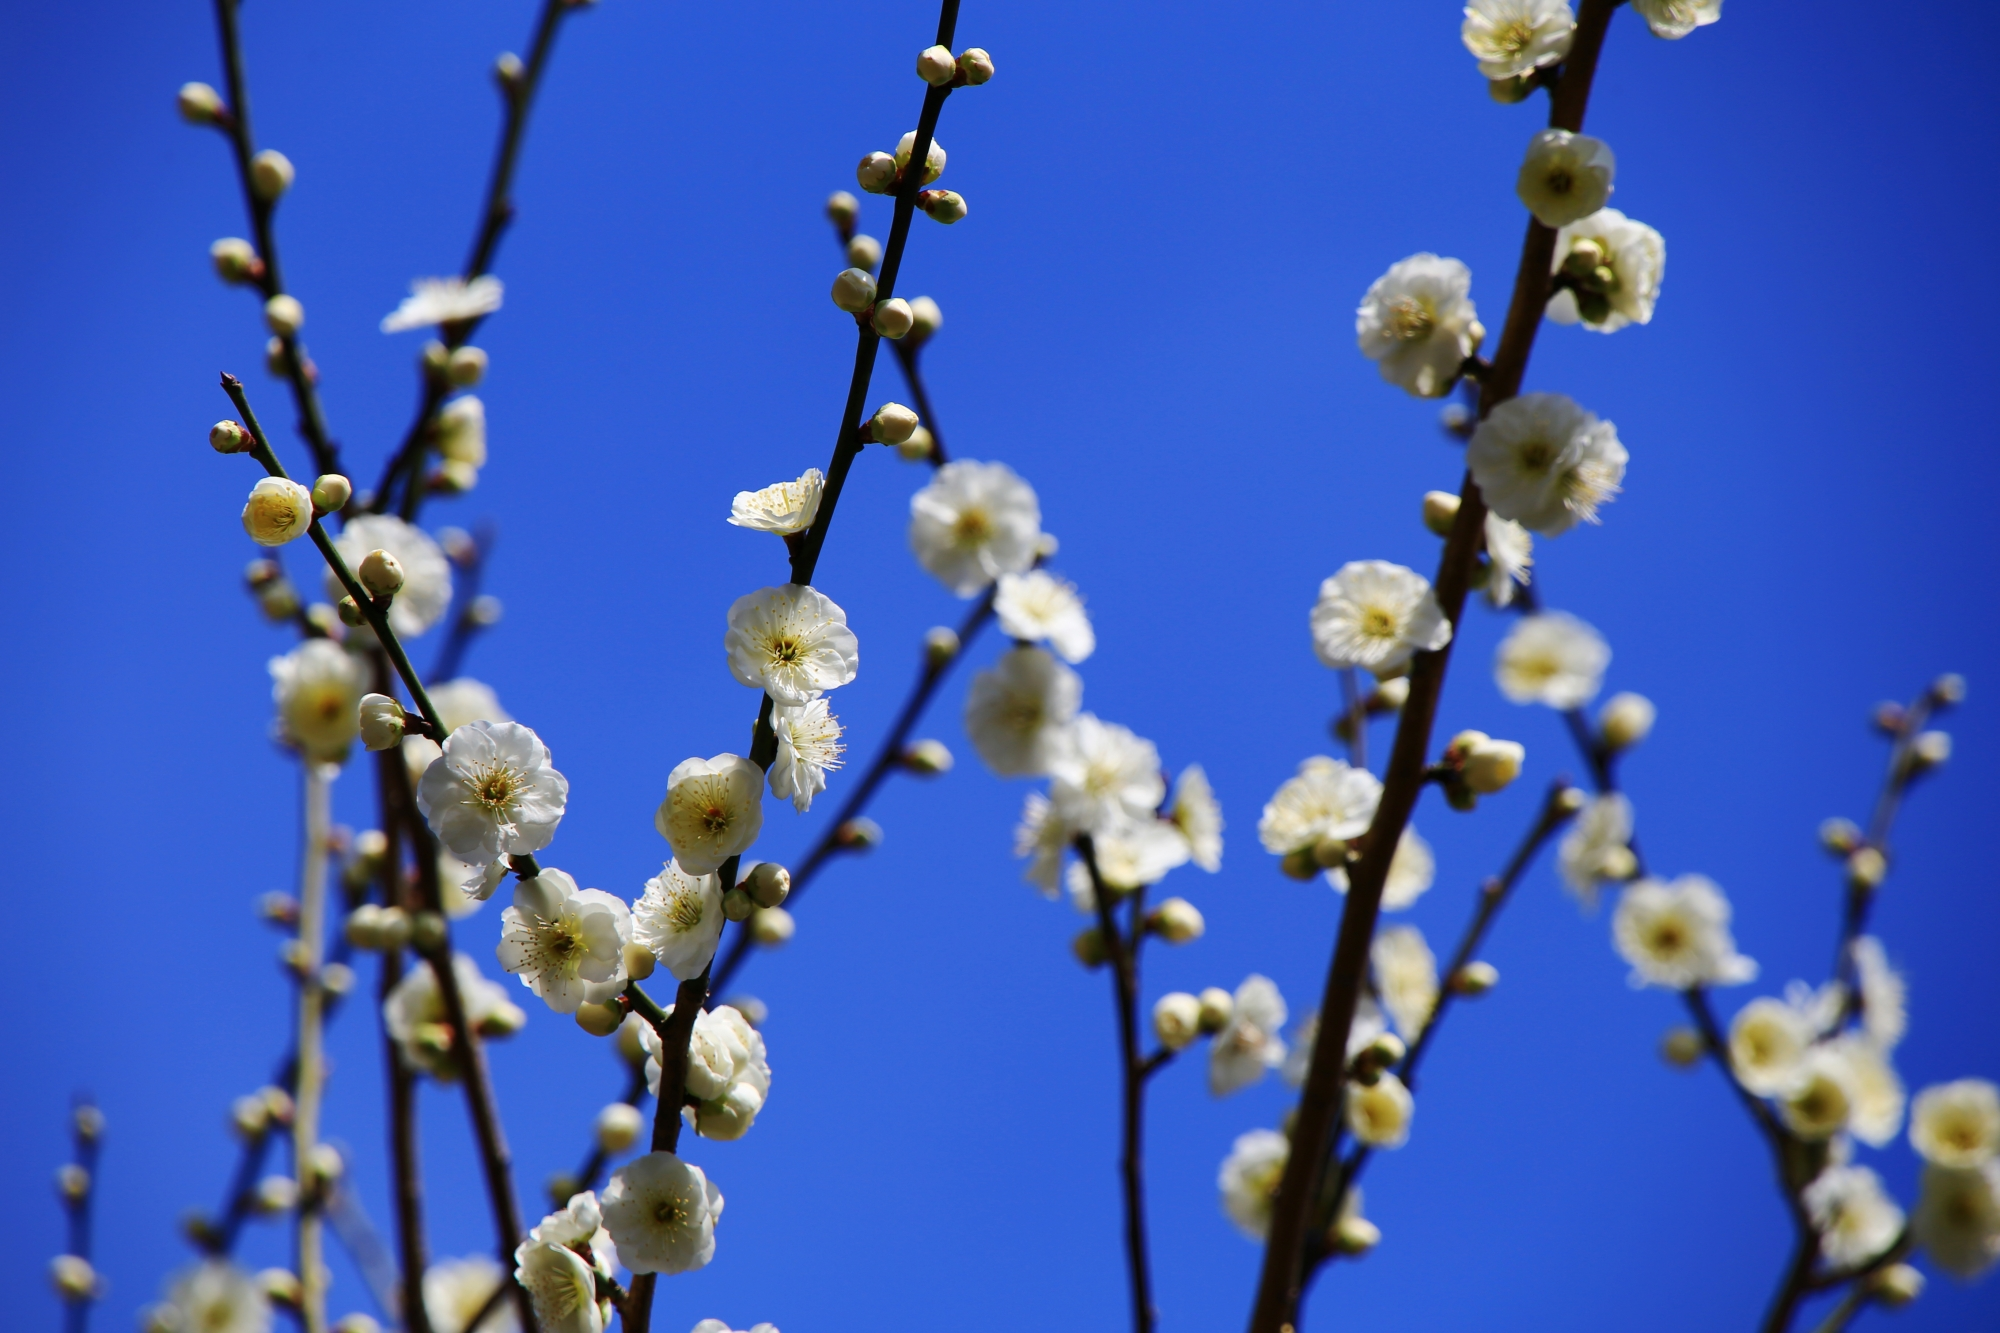 青空に映える華やかな白梅